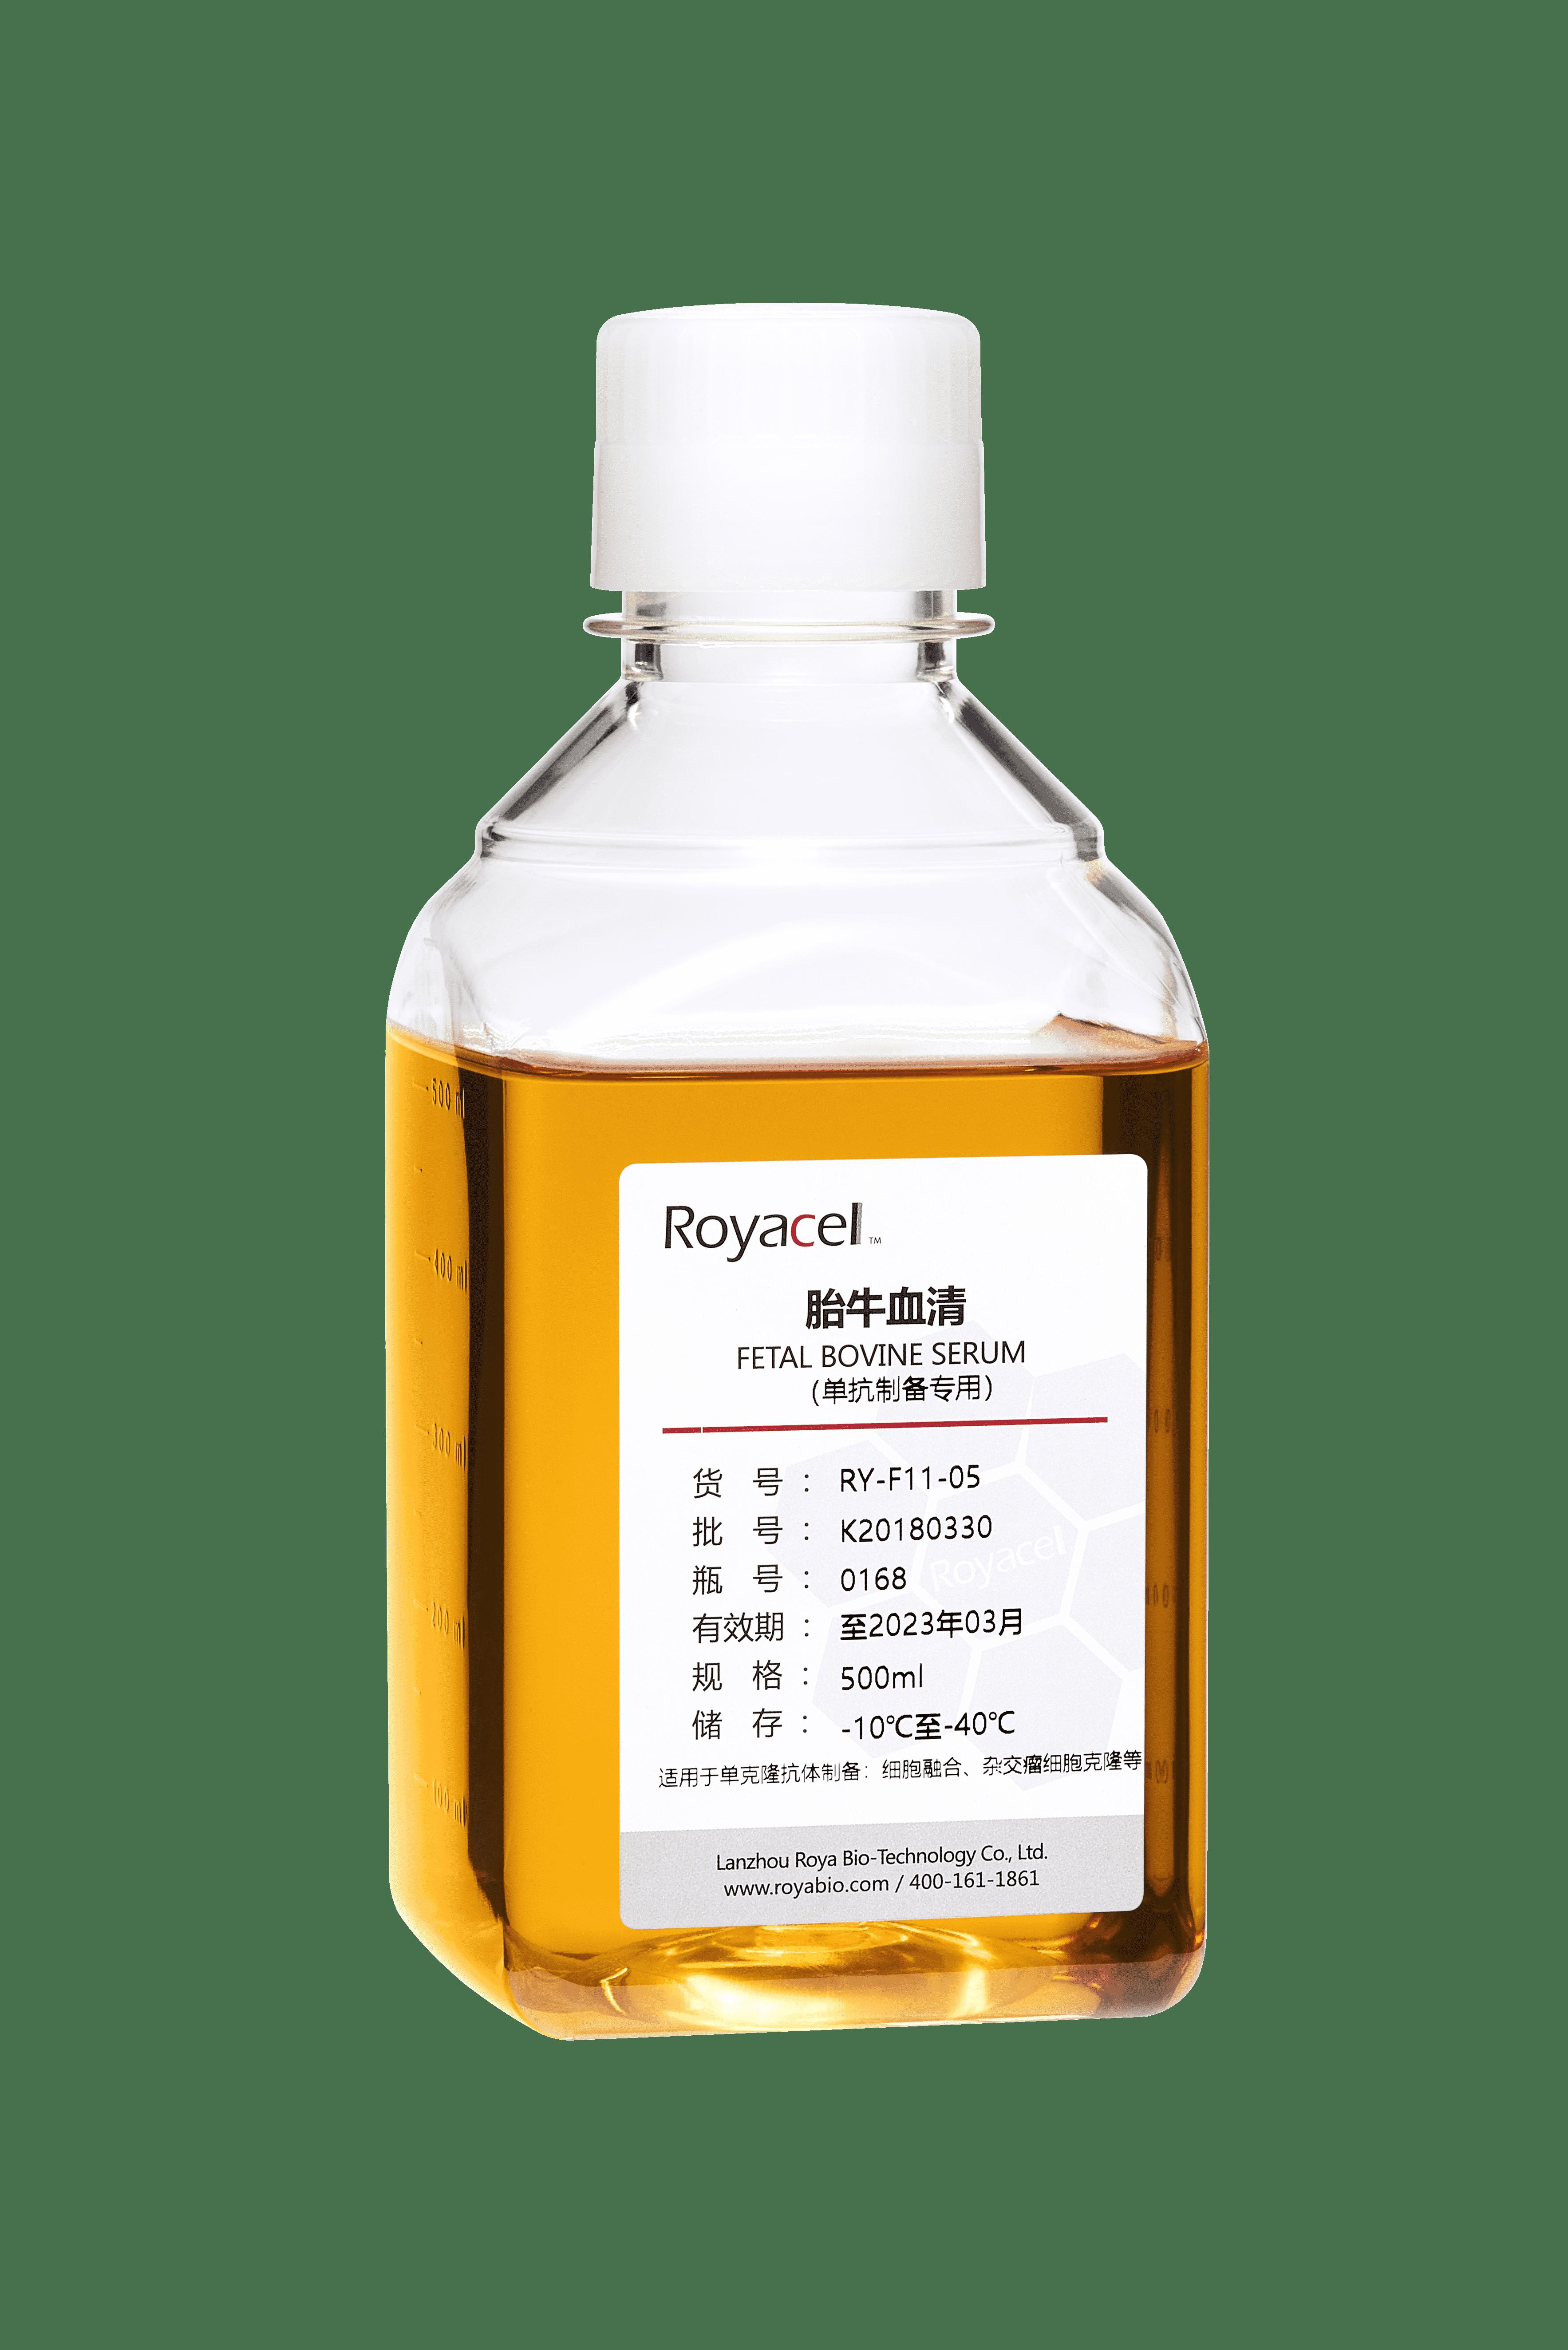 荣晔生物-Royacel 胎牛血清(单抗制备专用)